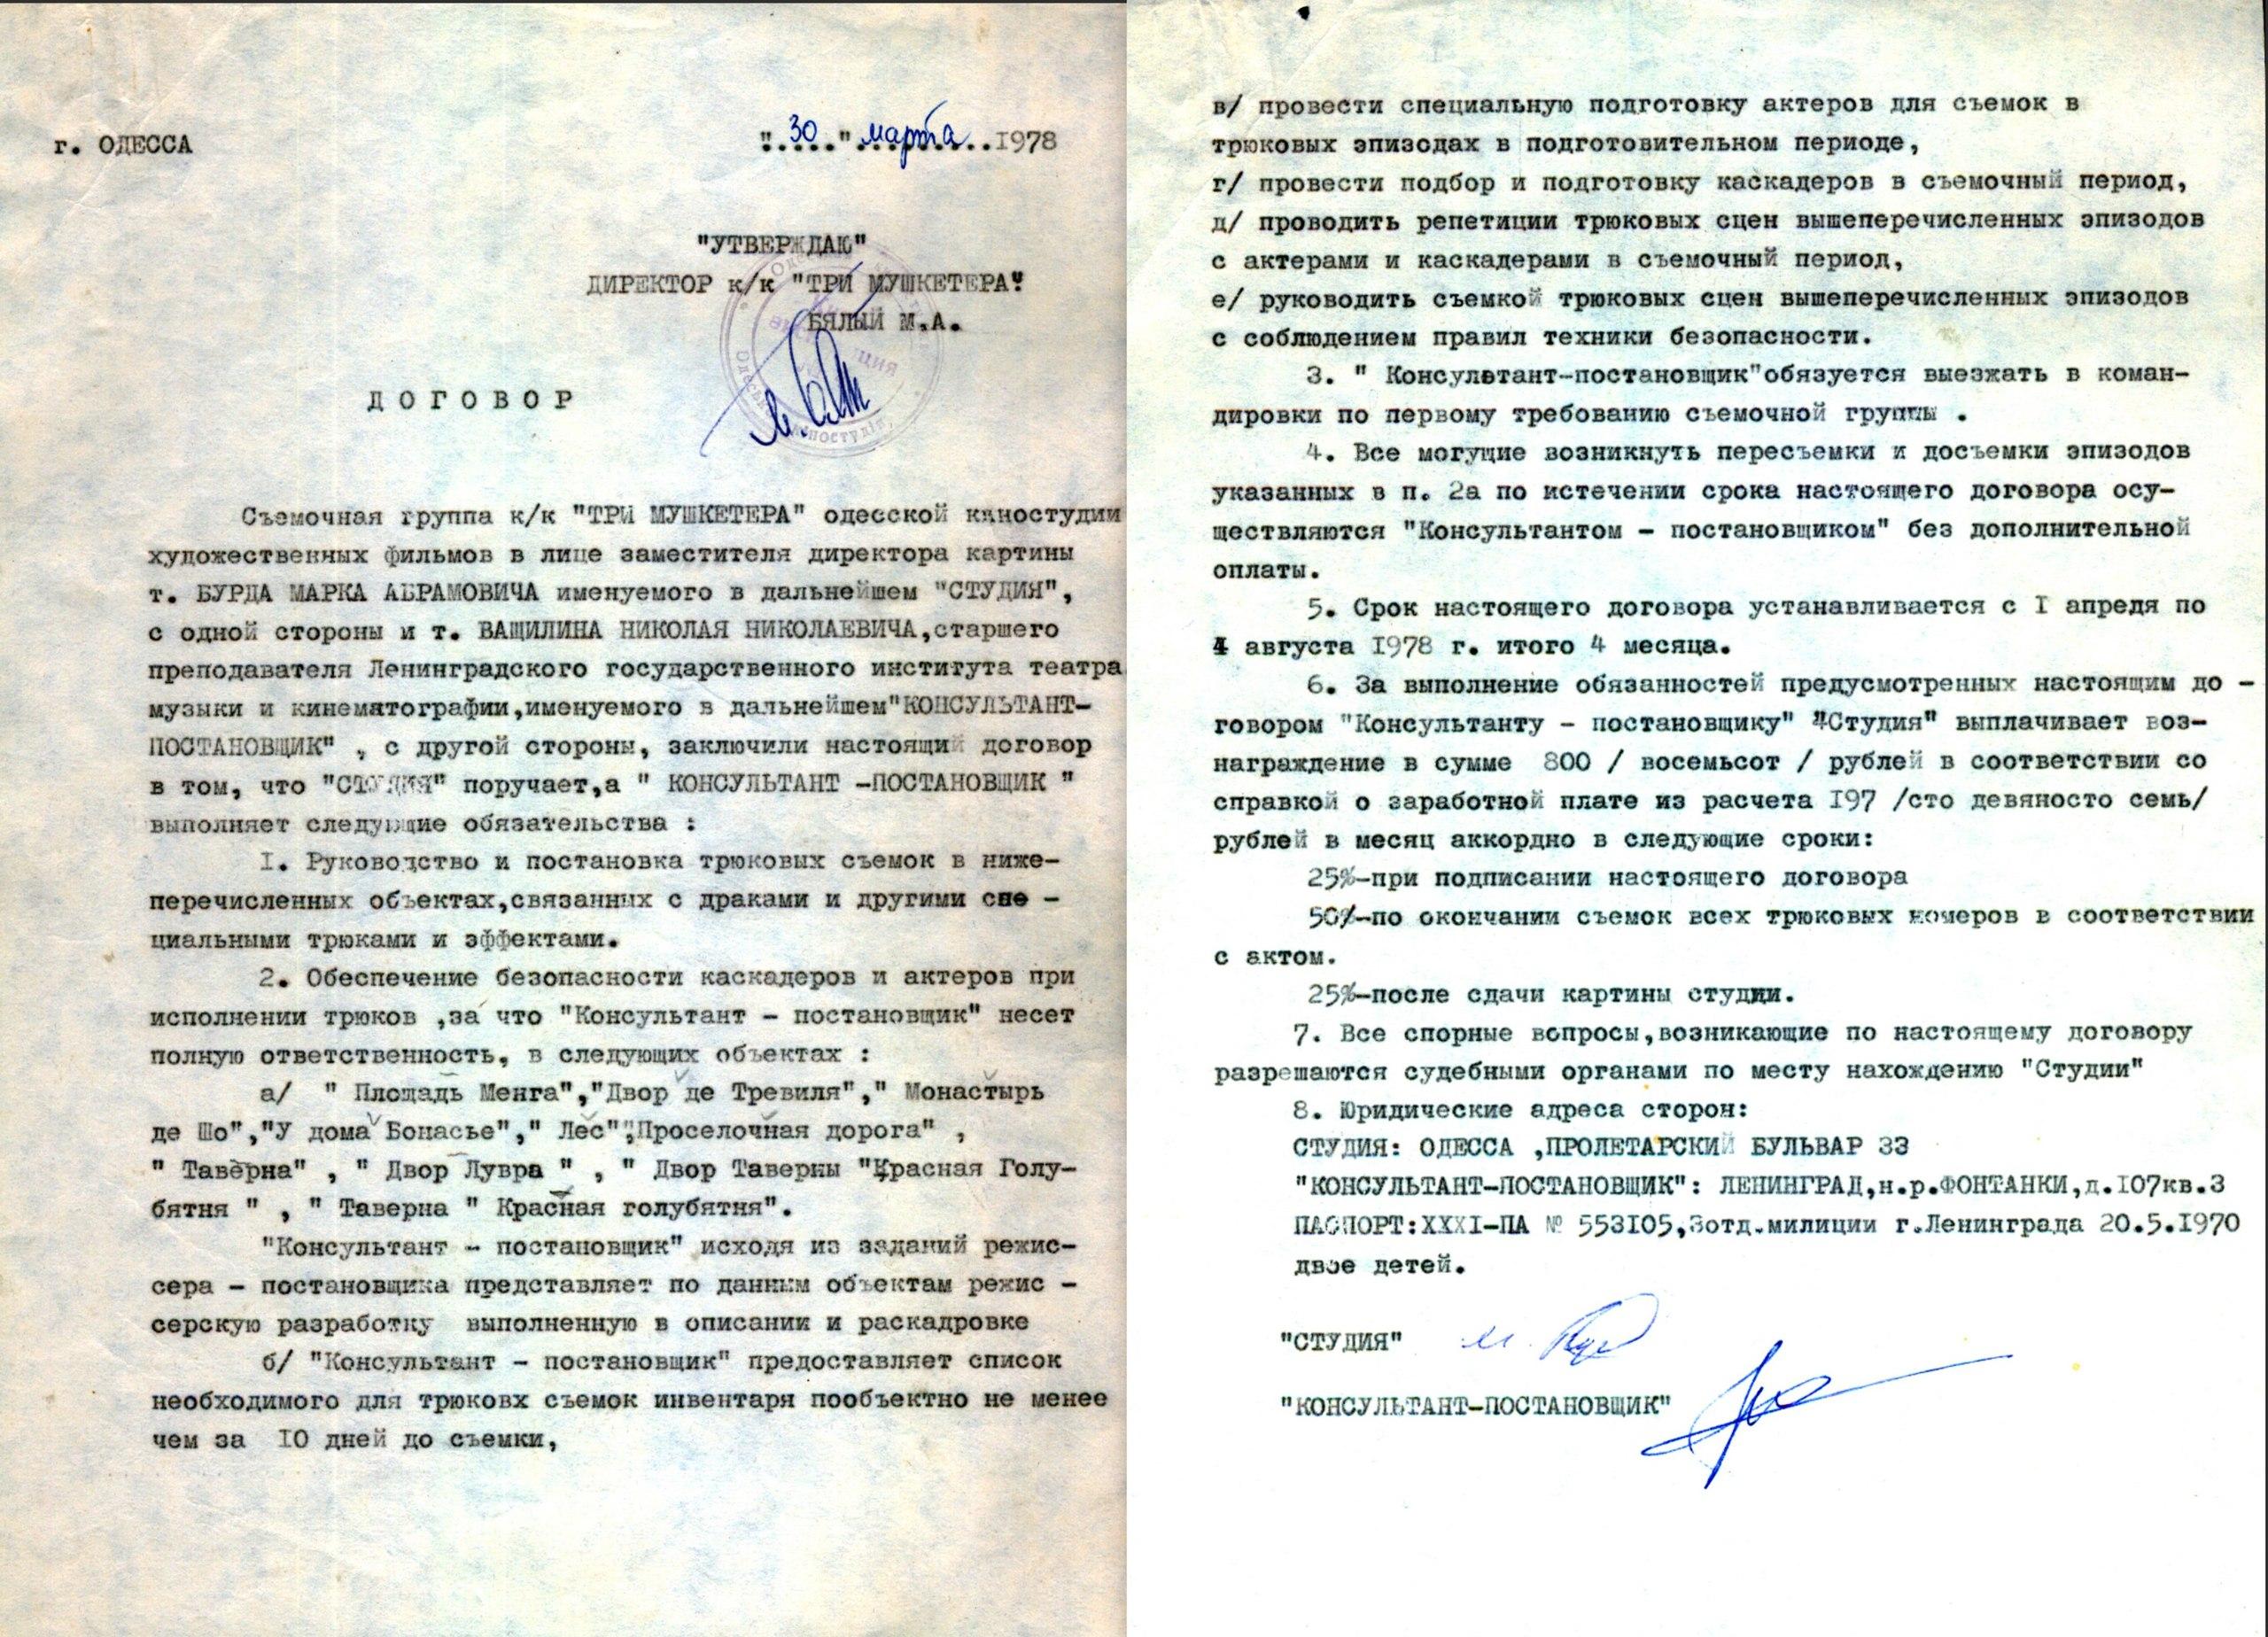 Постановщик трюков в фильме